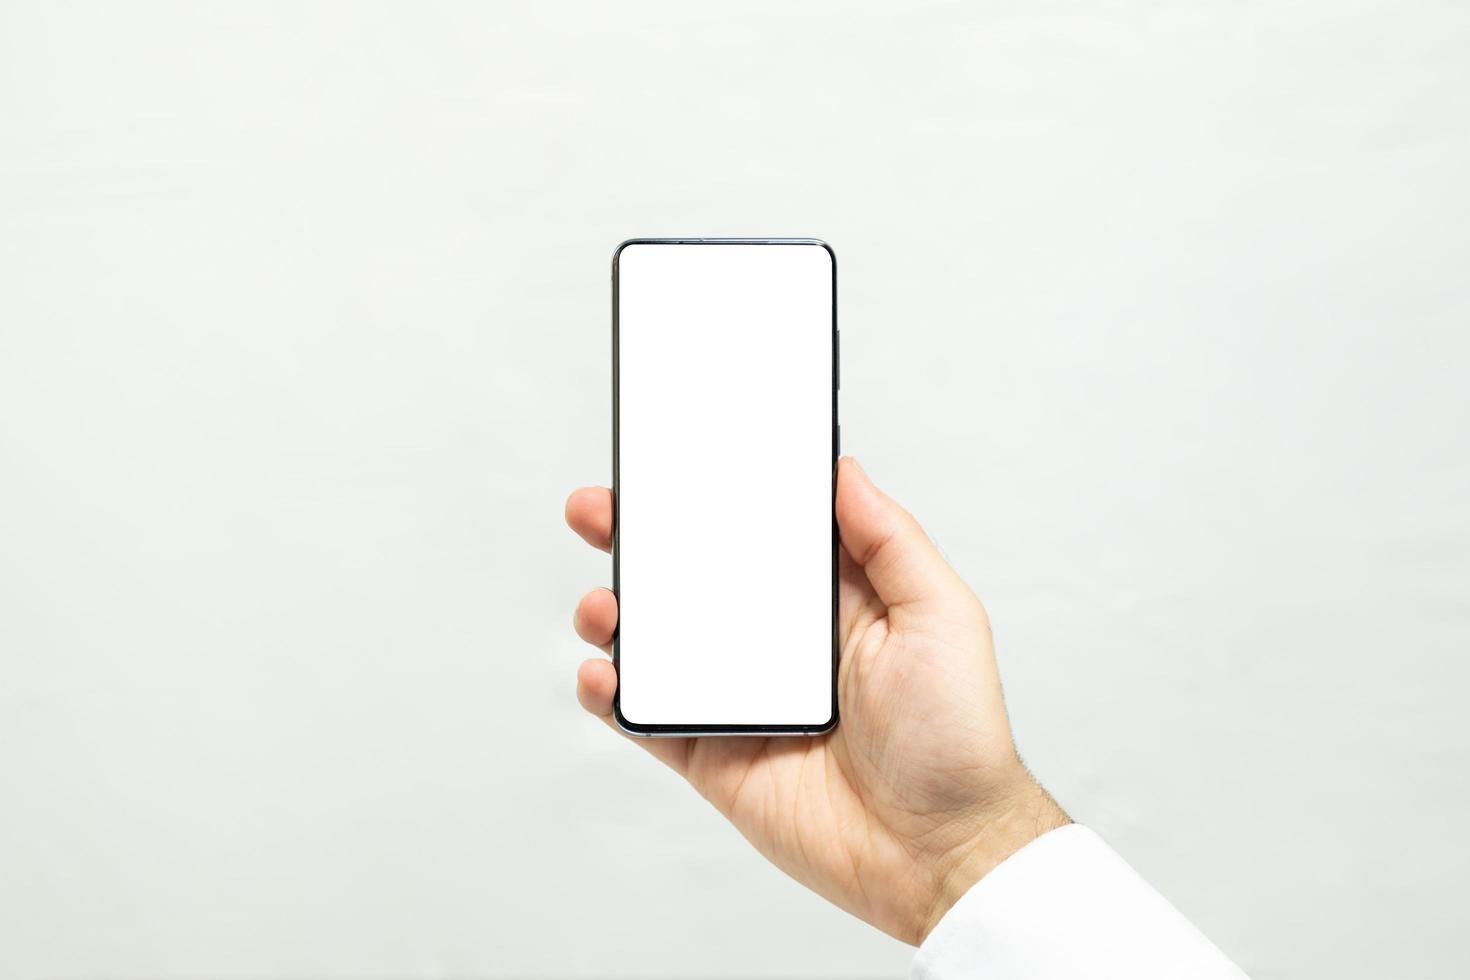 tenant un smartphone à écran blanc vertical photo